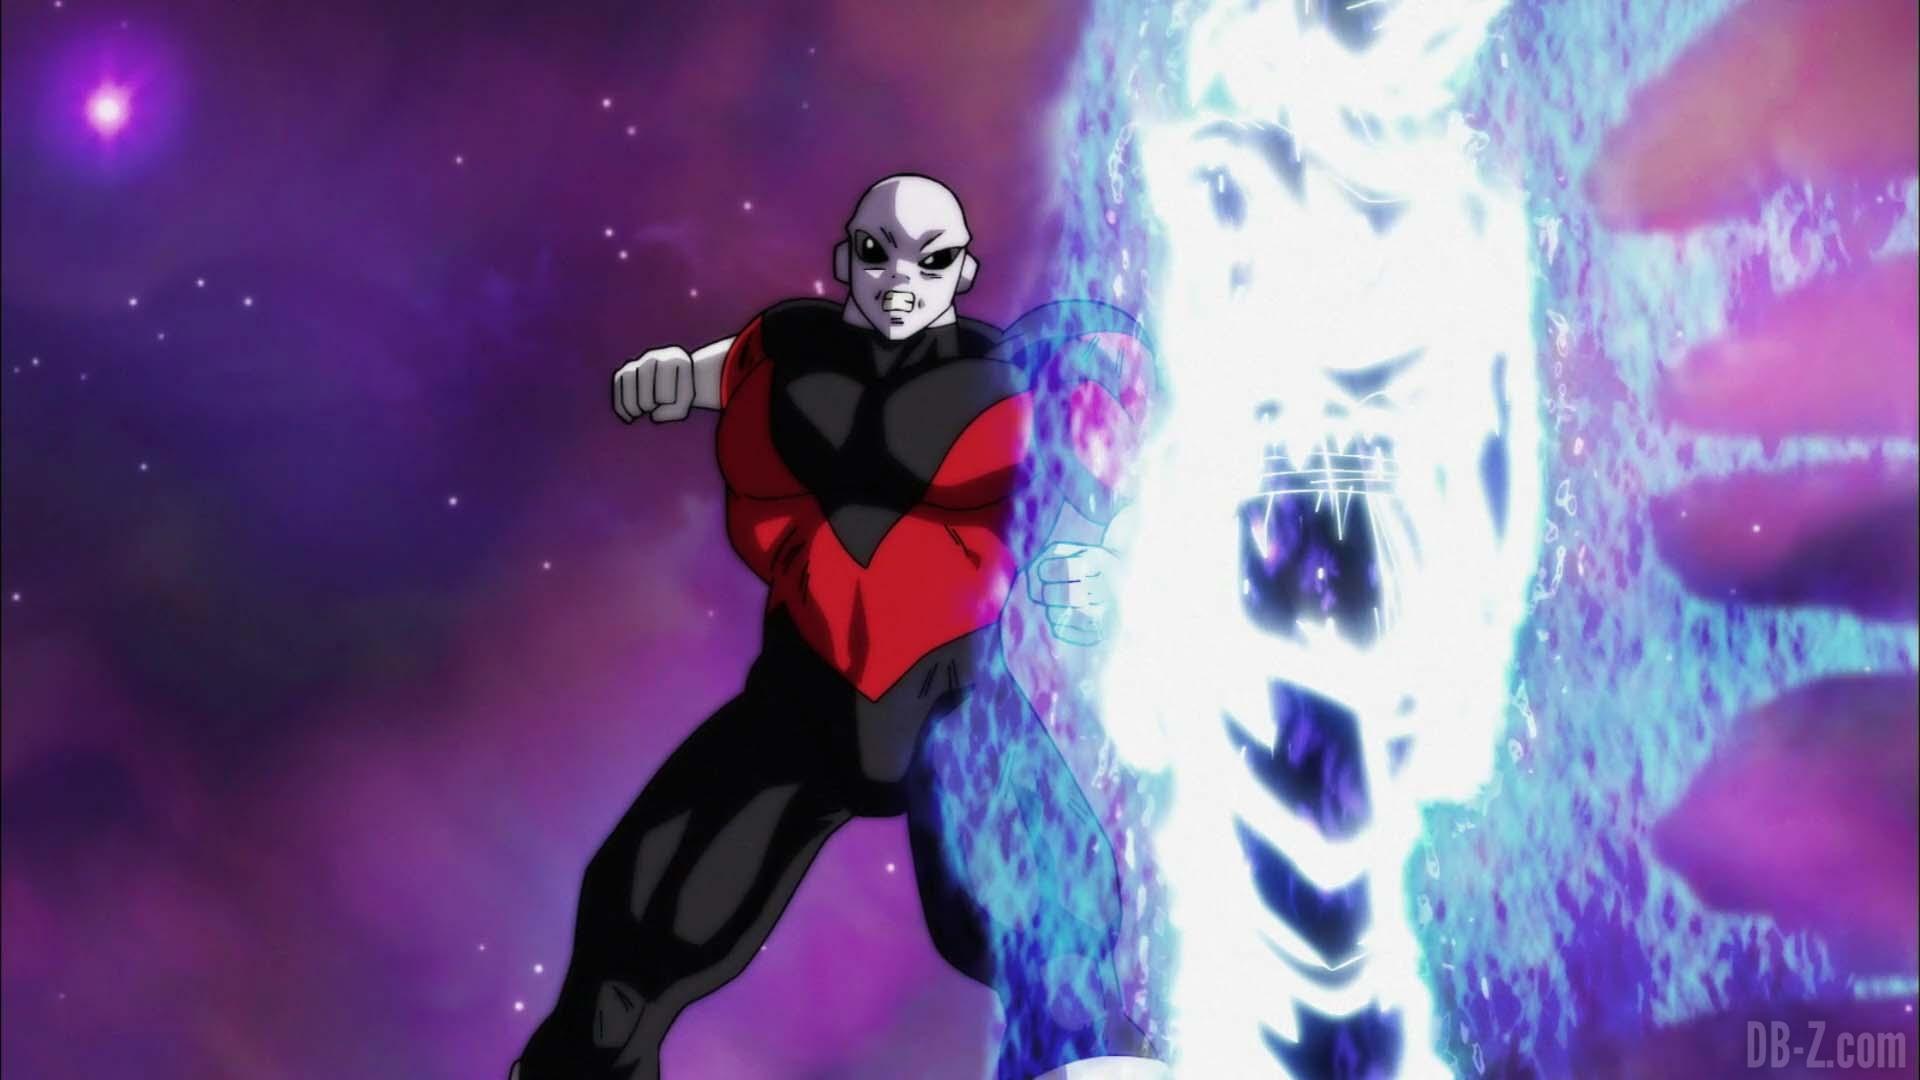 Trận đấu giữa Jiren và Goku khi hoàn thiện Bản Năng Vô Cực ( Ultra Instinct ) tiếp tục bắt đầu và Goku chiếm thế áp đảo trước Jiren .